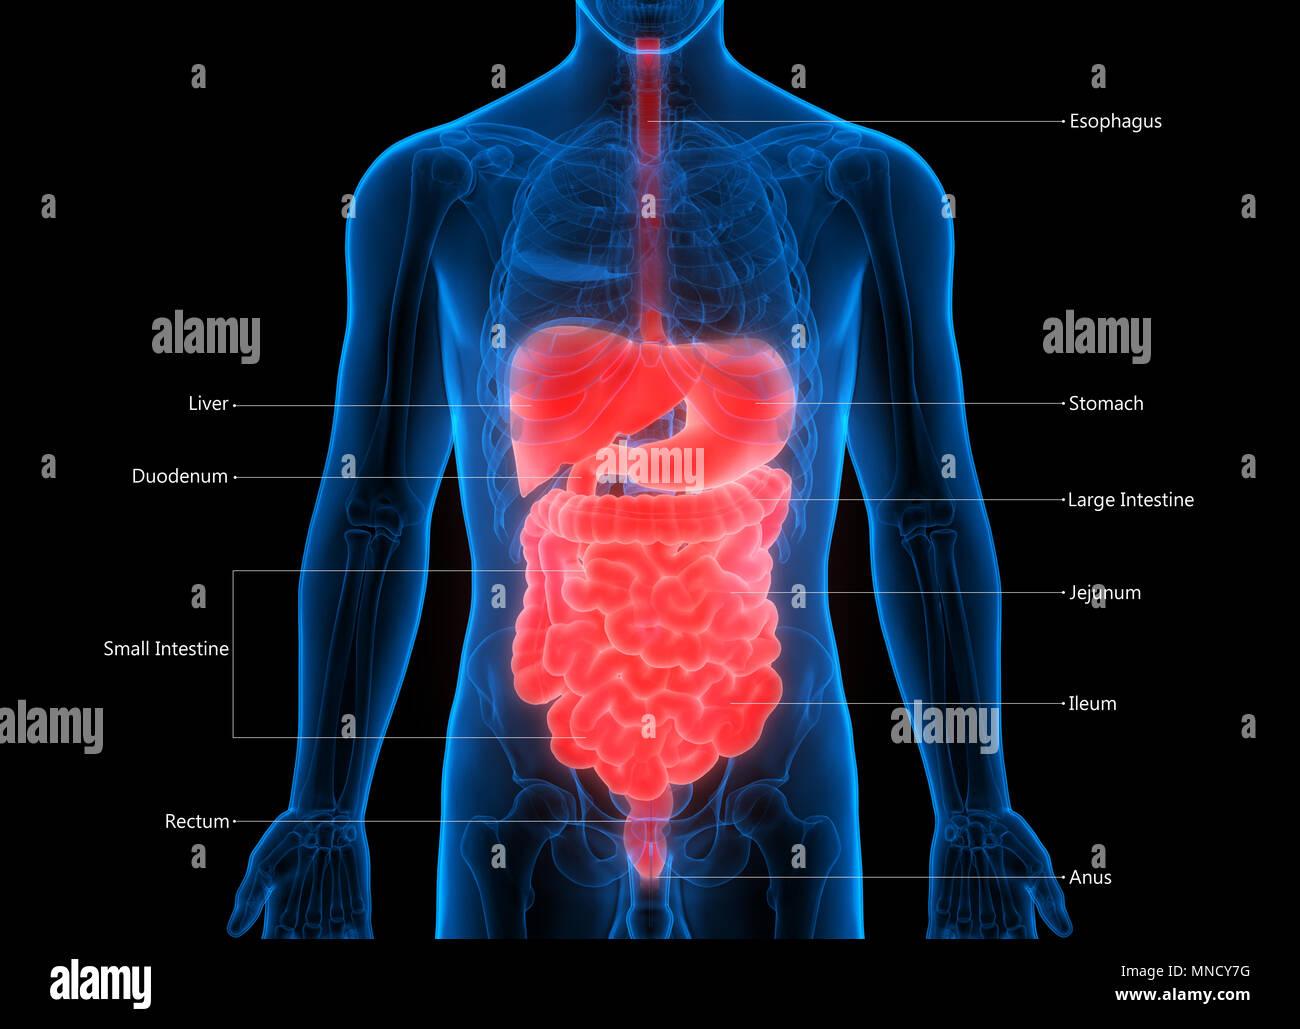 Fantástico Anatomía Humana Diagrama Rotulado Imágenes - Anatomía de ...